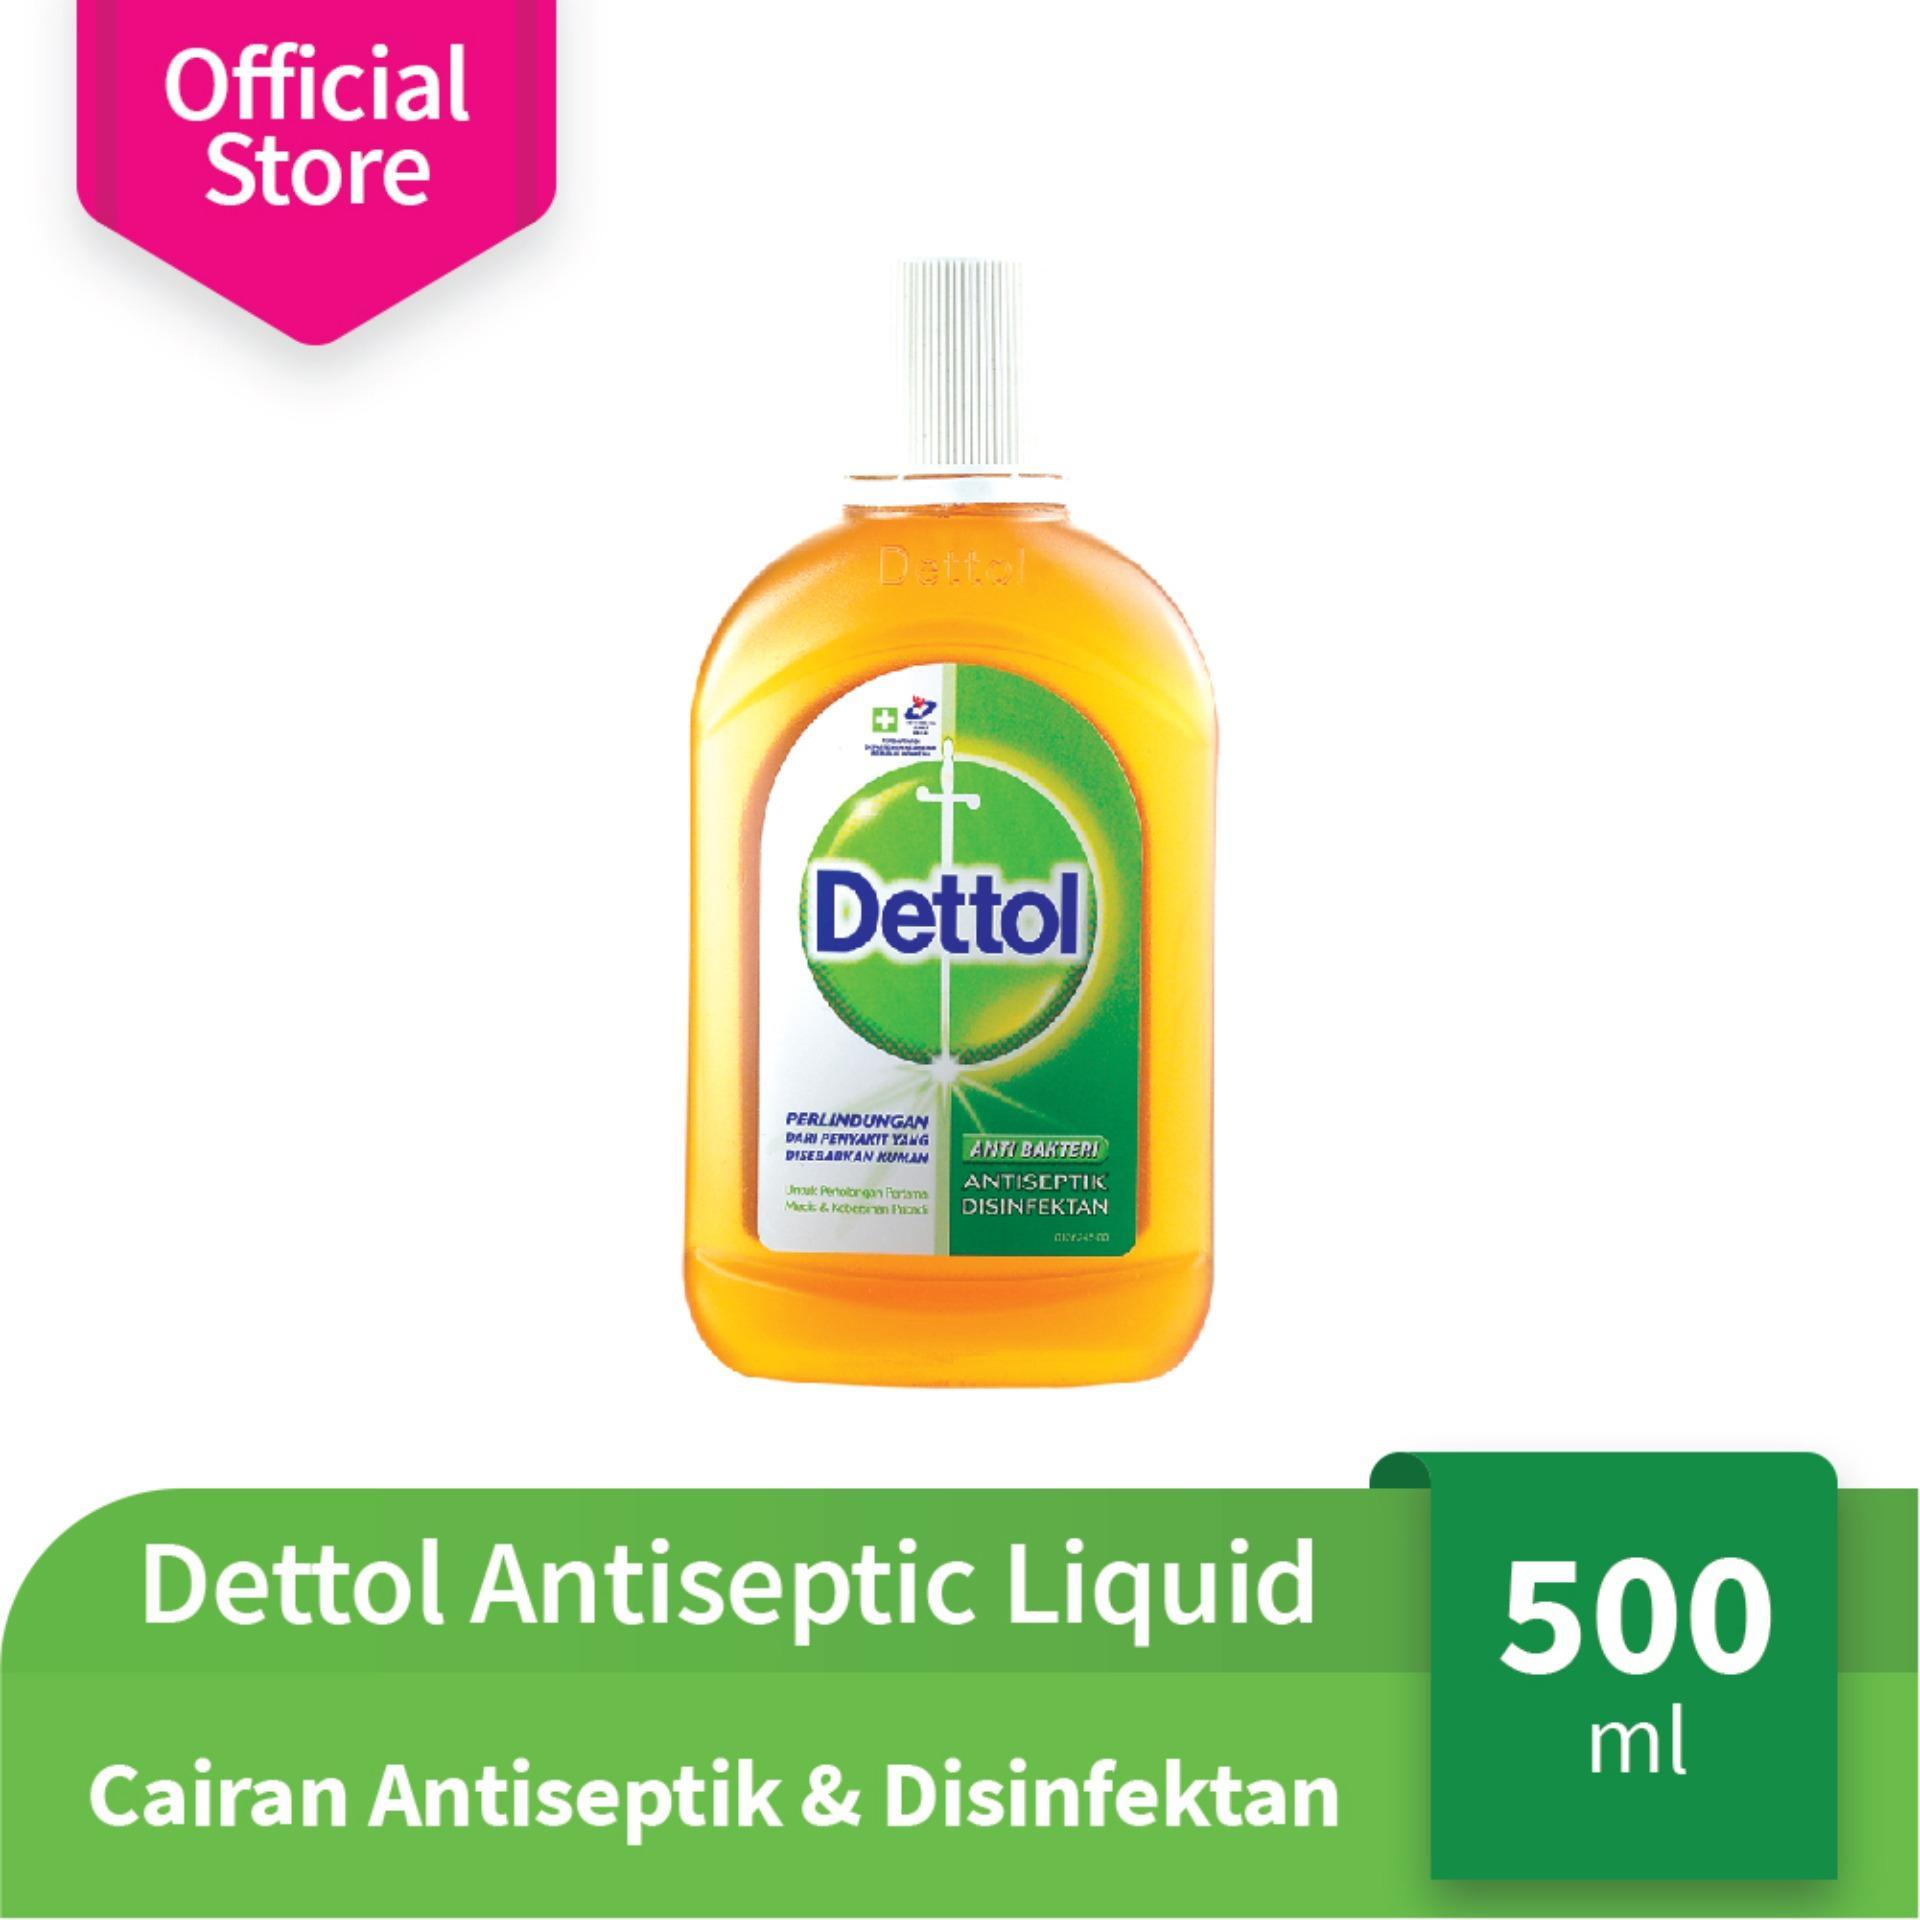 Toko Dettol Antiseptic Liquid Botol 500Ml Cairan Antiseptik Disinfektan Lengkap Di Dki Jakarta